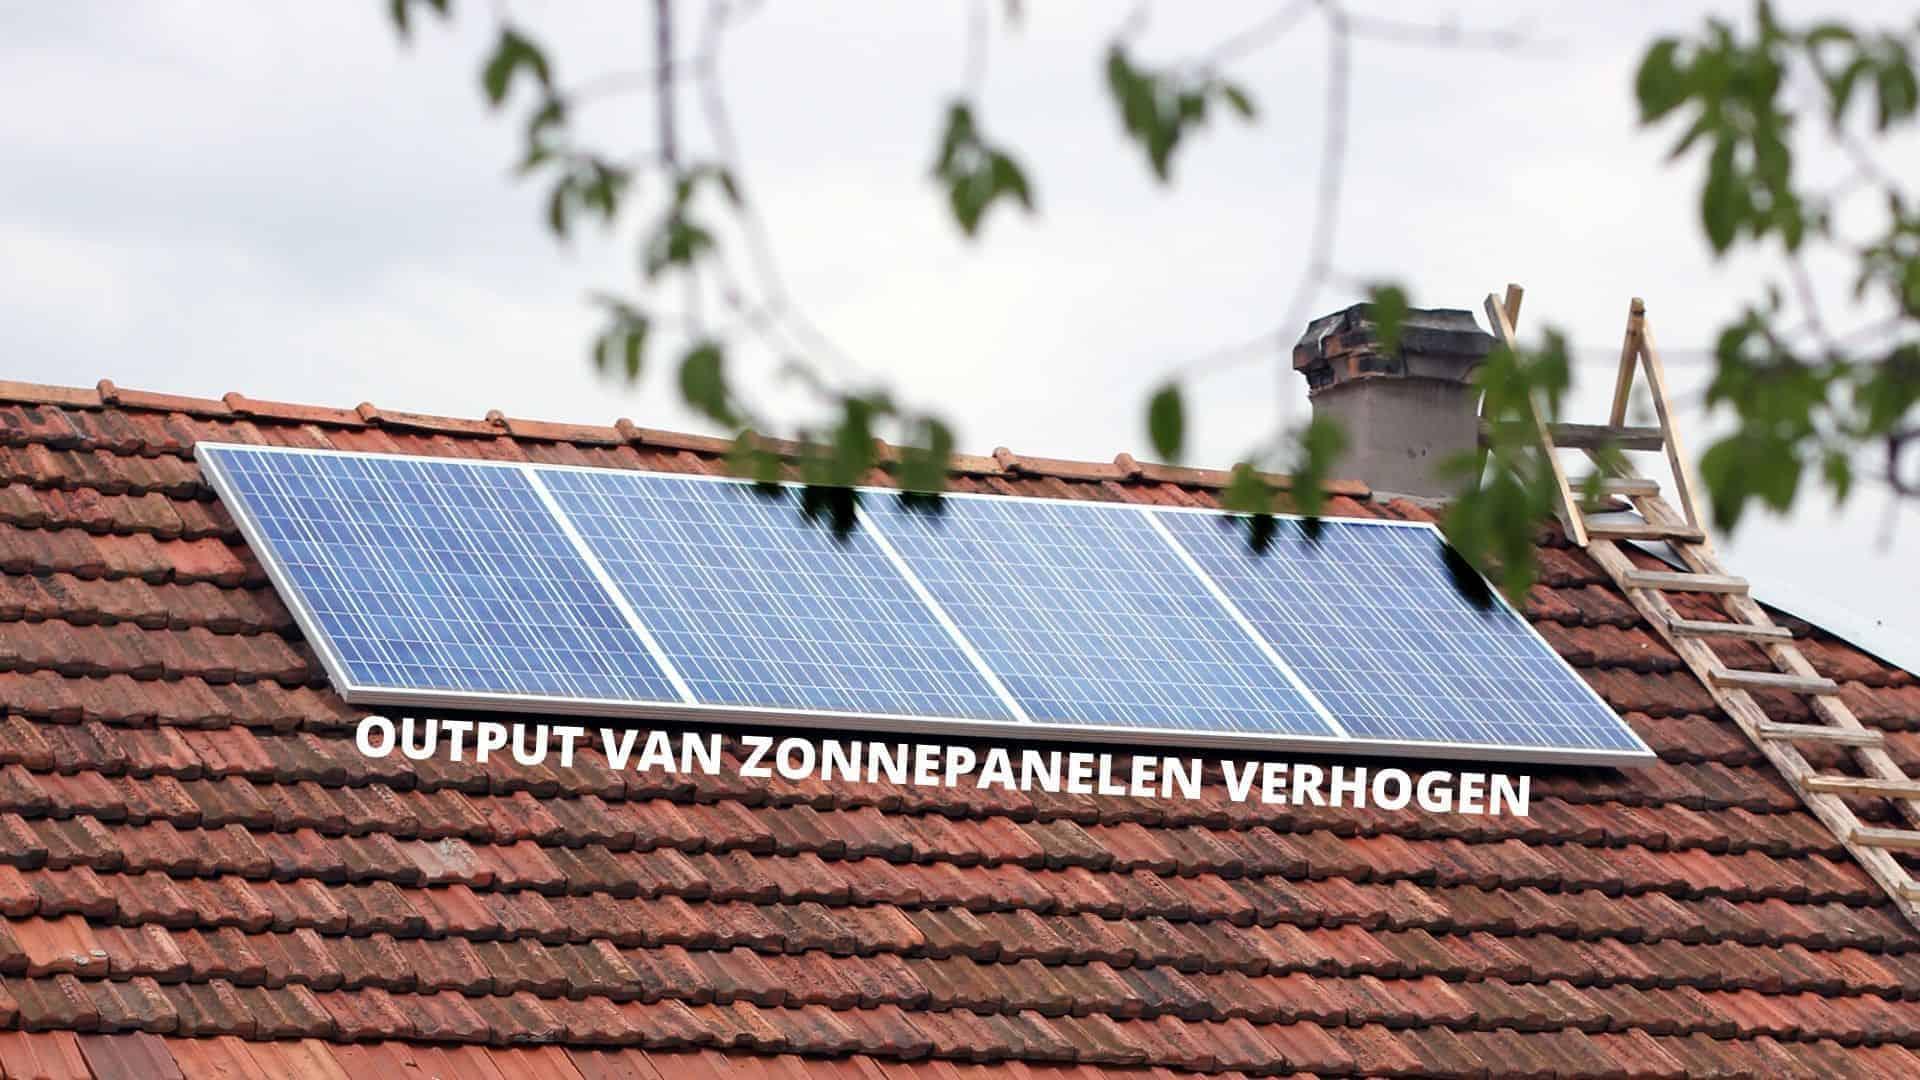 Output-van-zonnepanelen-verhogen